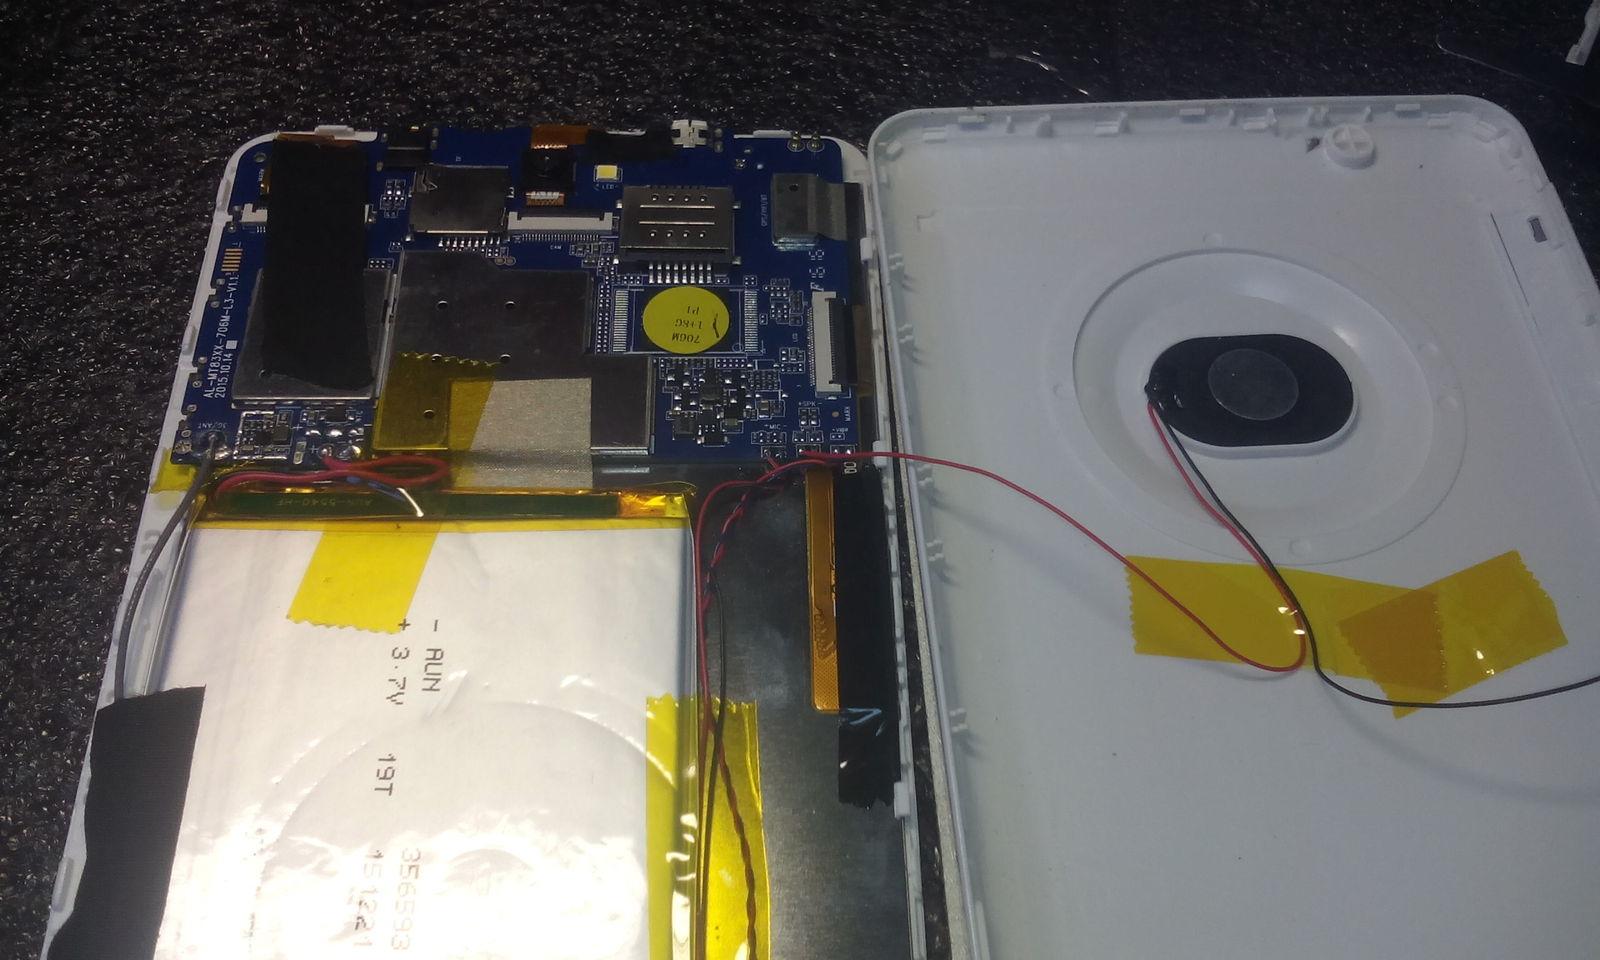 Сломалось гнездо для зарядки телефона сколько стоит ремонт - ремонт в Москве адреса ремонта цифрового фотоаппарата в стерлитамаке - ремонт в Москве